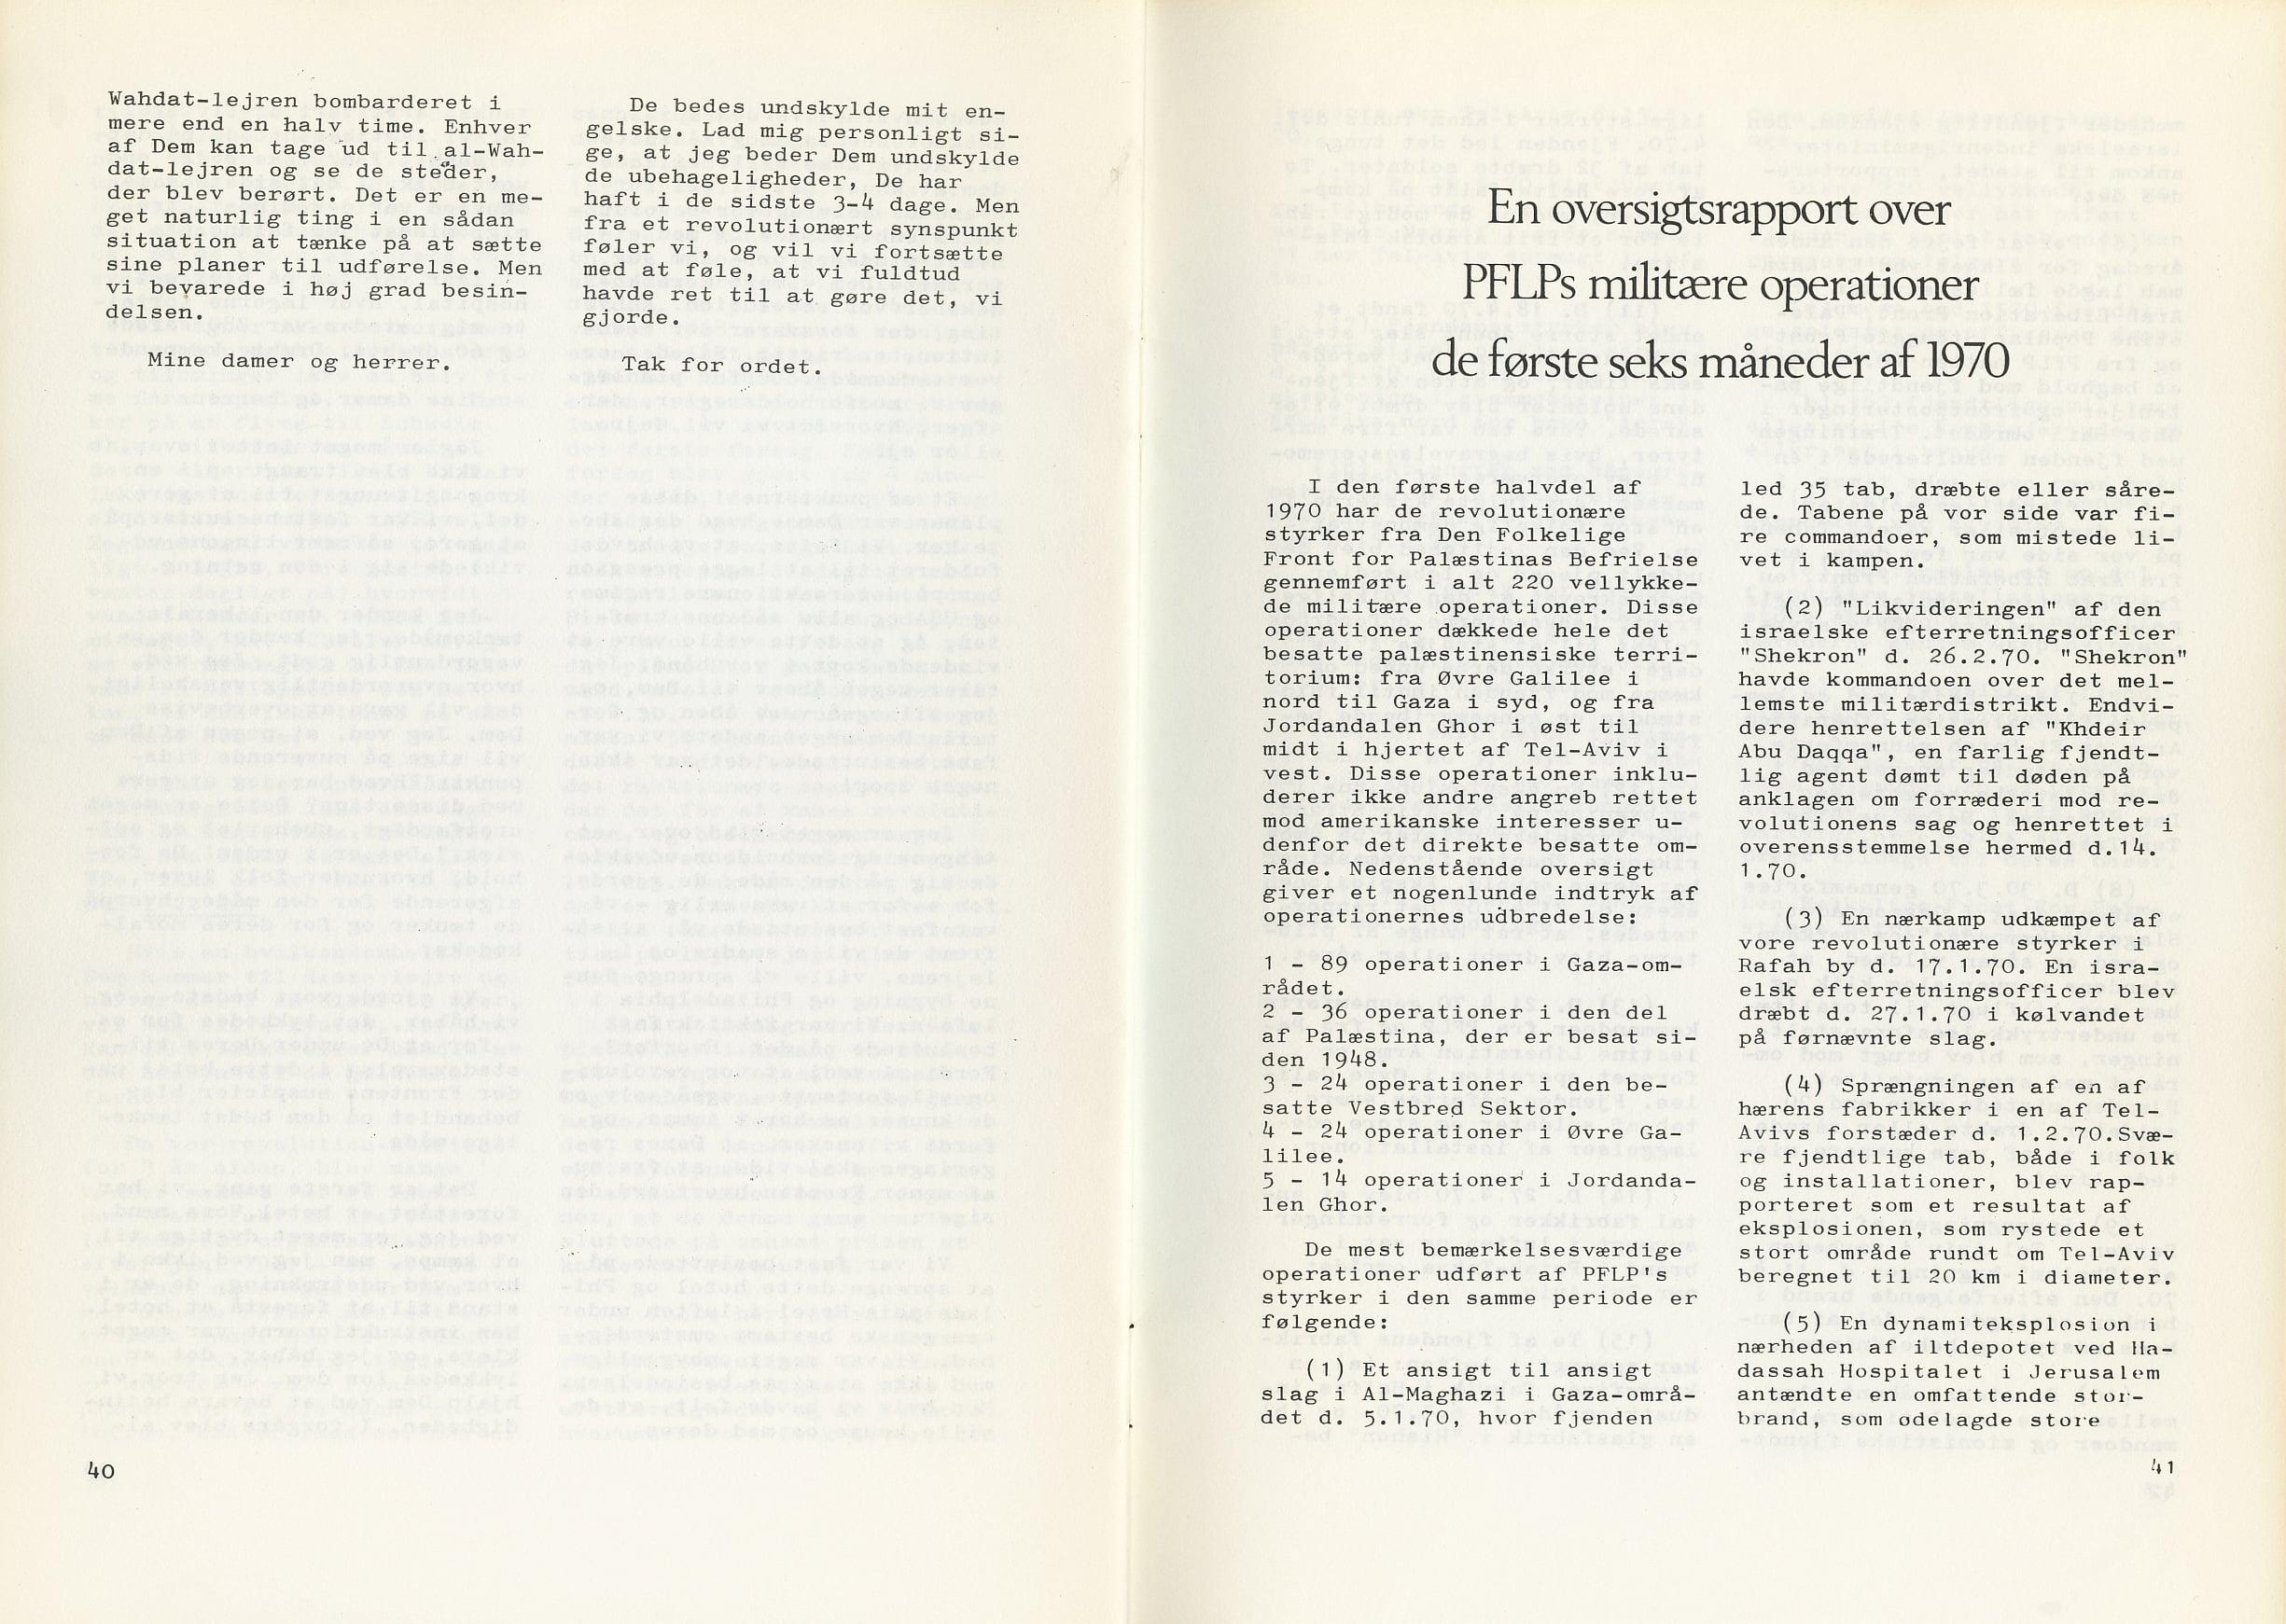 En oversigtsrapport over PFLPs militære operationer de første seks måneder af 1970